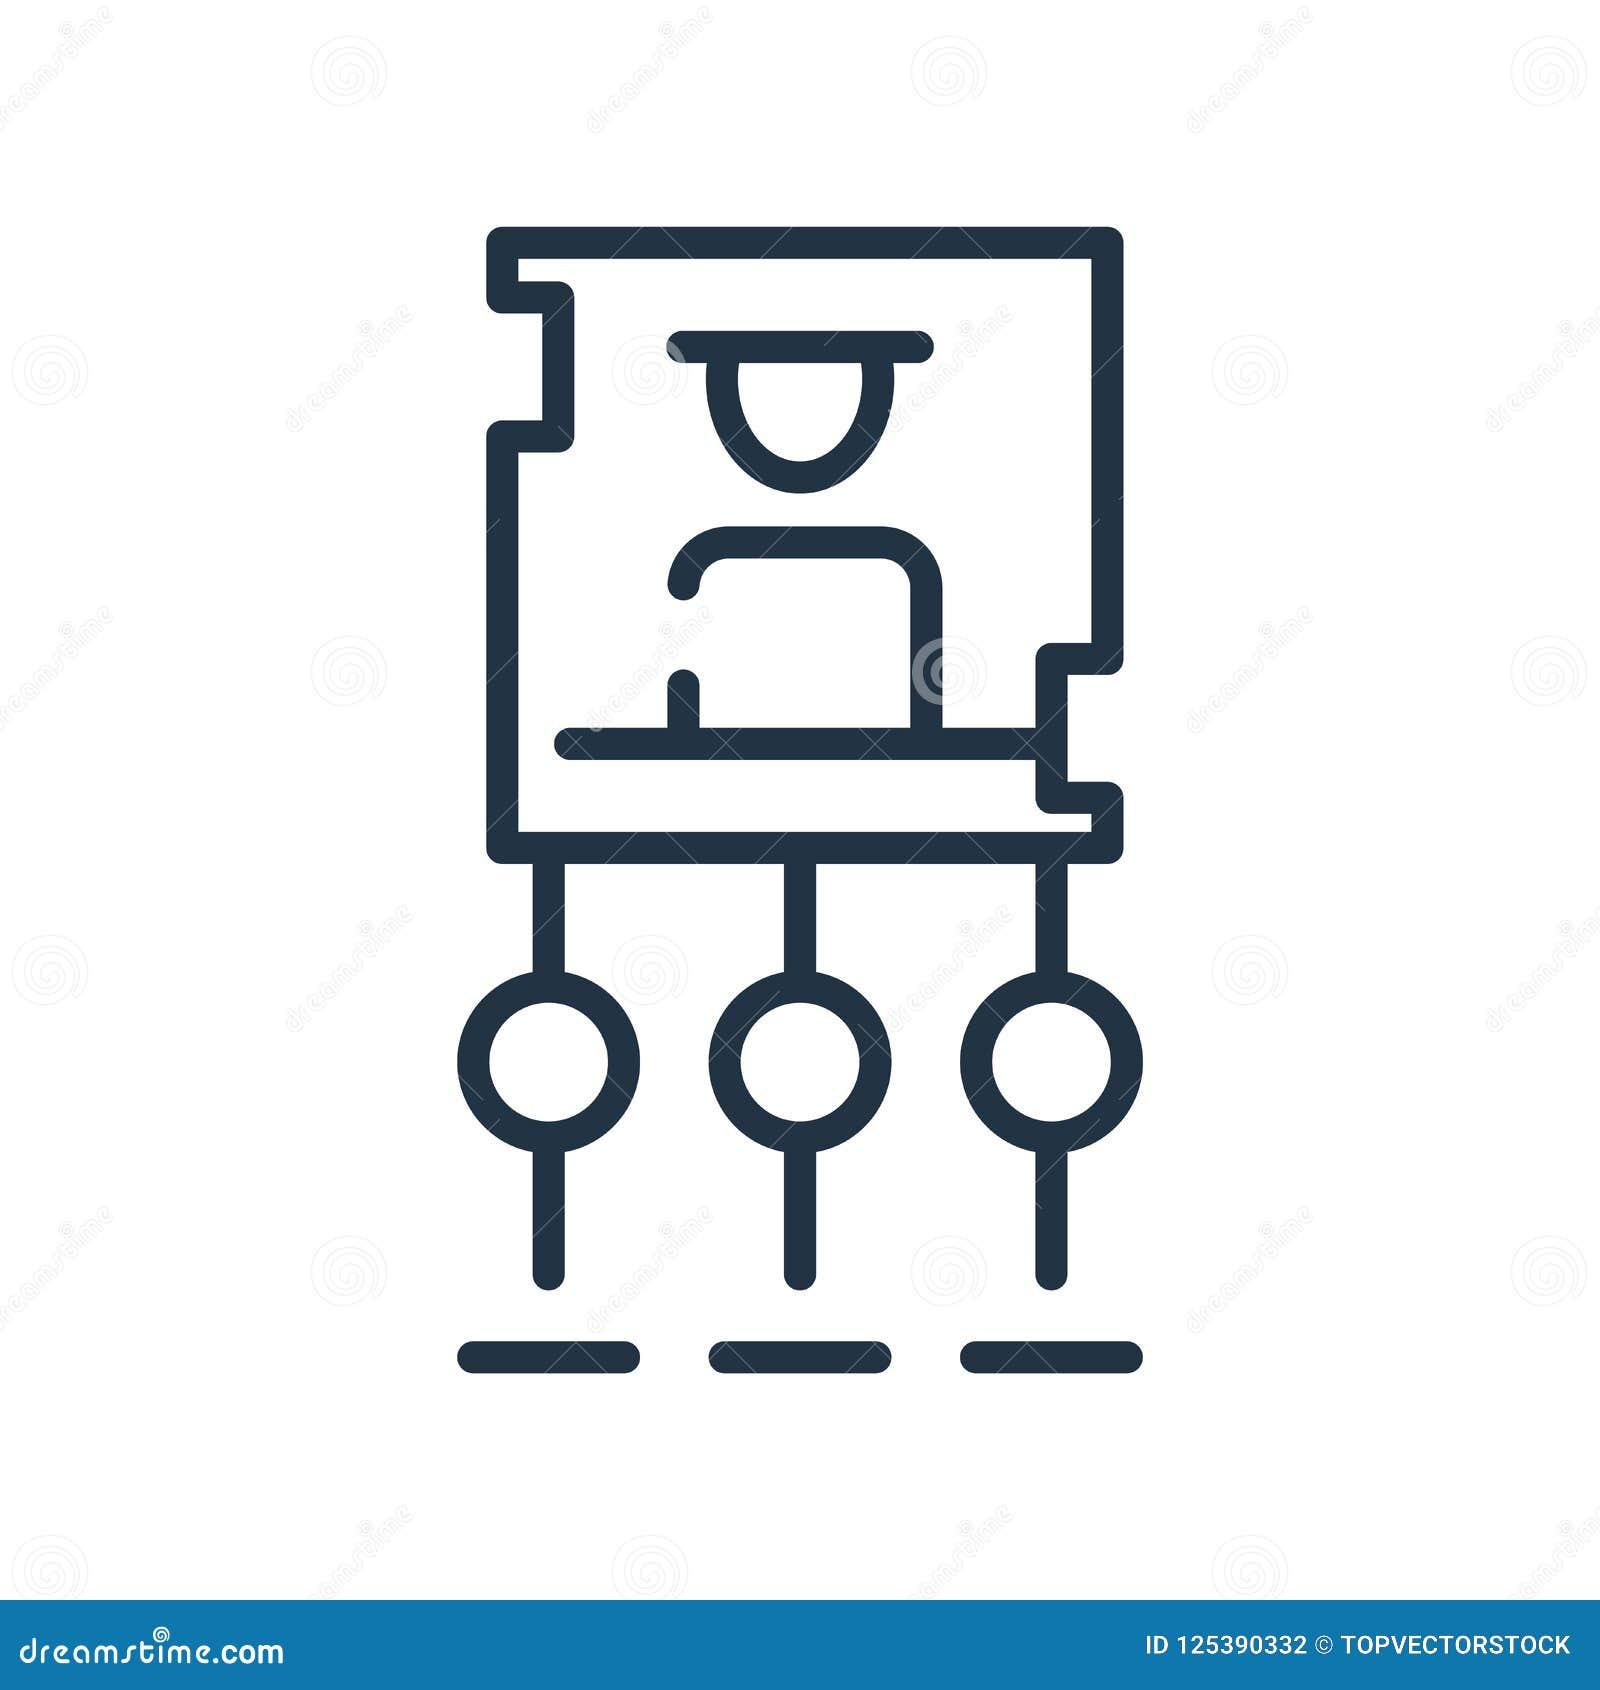 Vetor do ícone da estrutura hierárquica isolado no fundo branco,